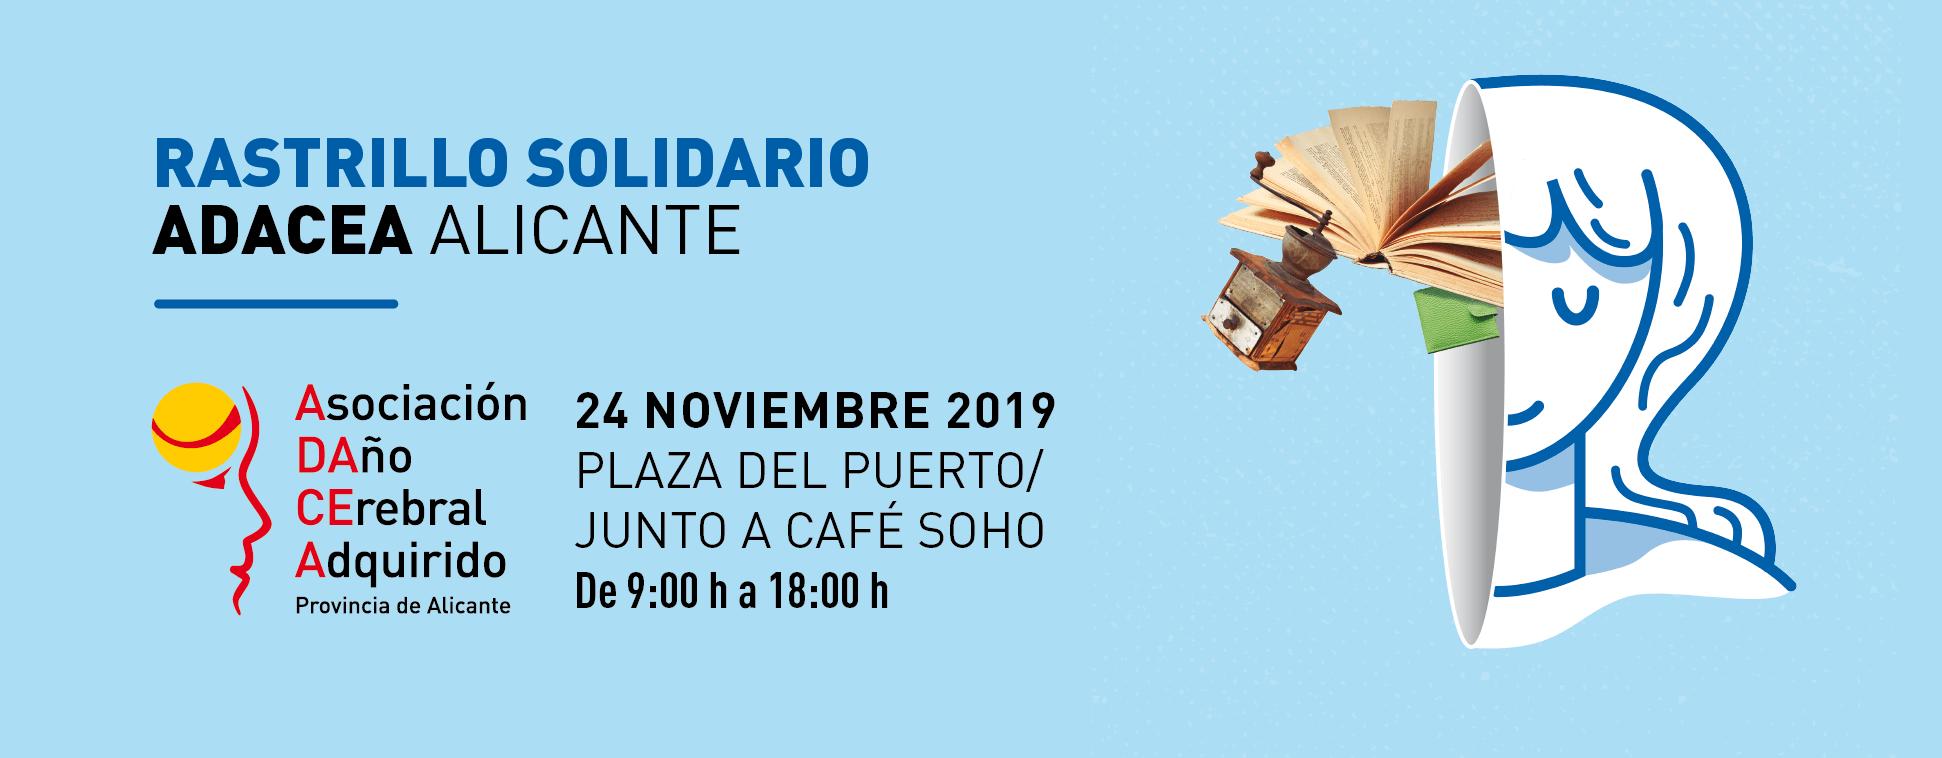 RASTRILLO SOLIDARIO DE ADACEA 24 DE NOVIEMBRE 2019